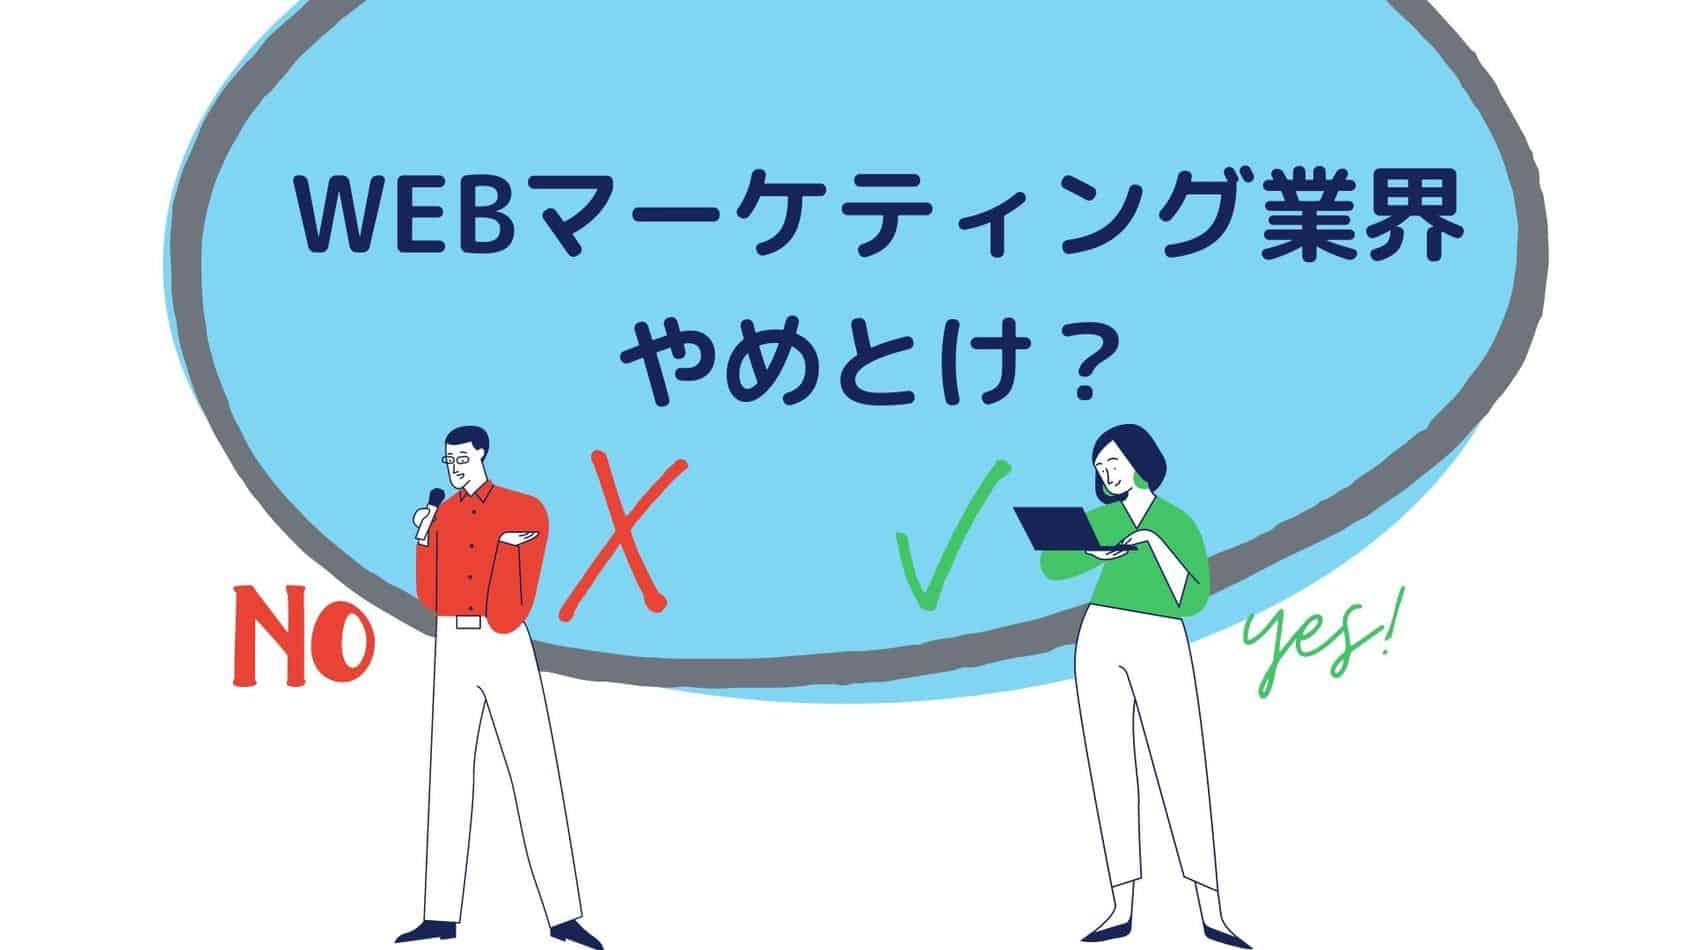 Webマーケティングはやめとけ?Web業界に向いていない人の5つの特徴